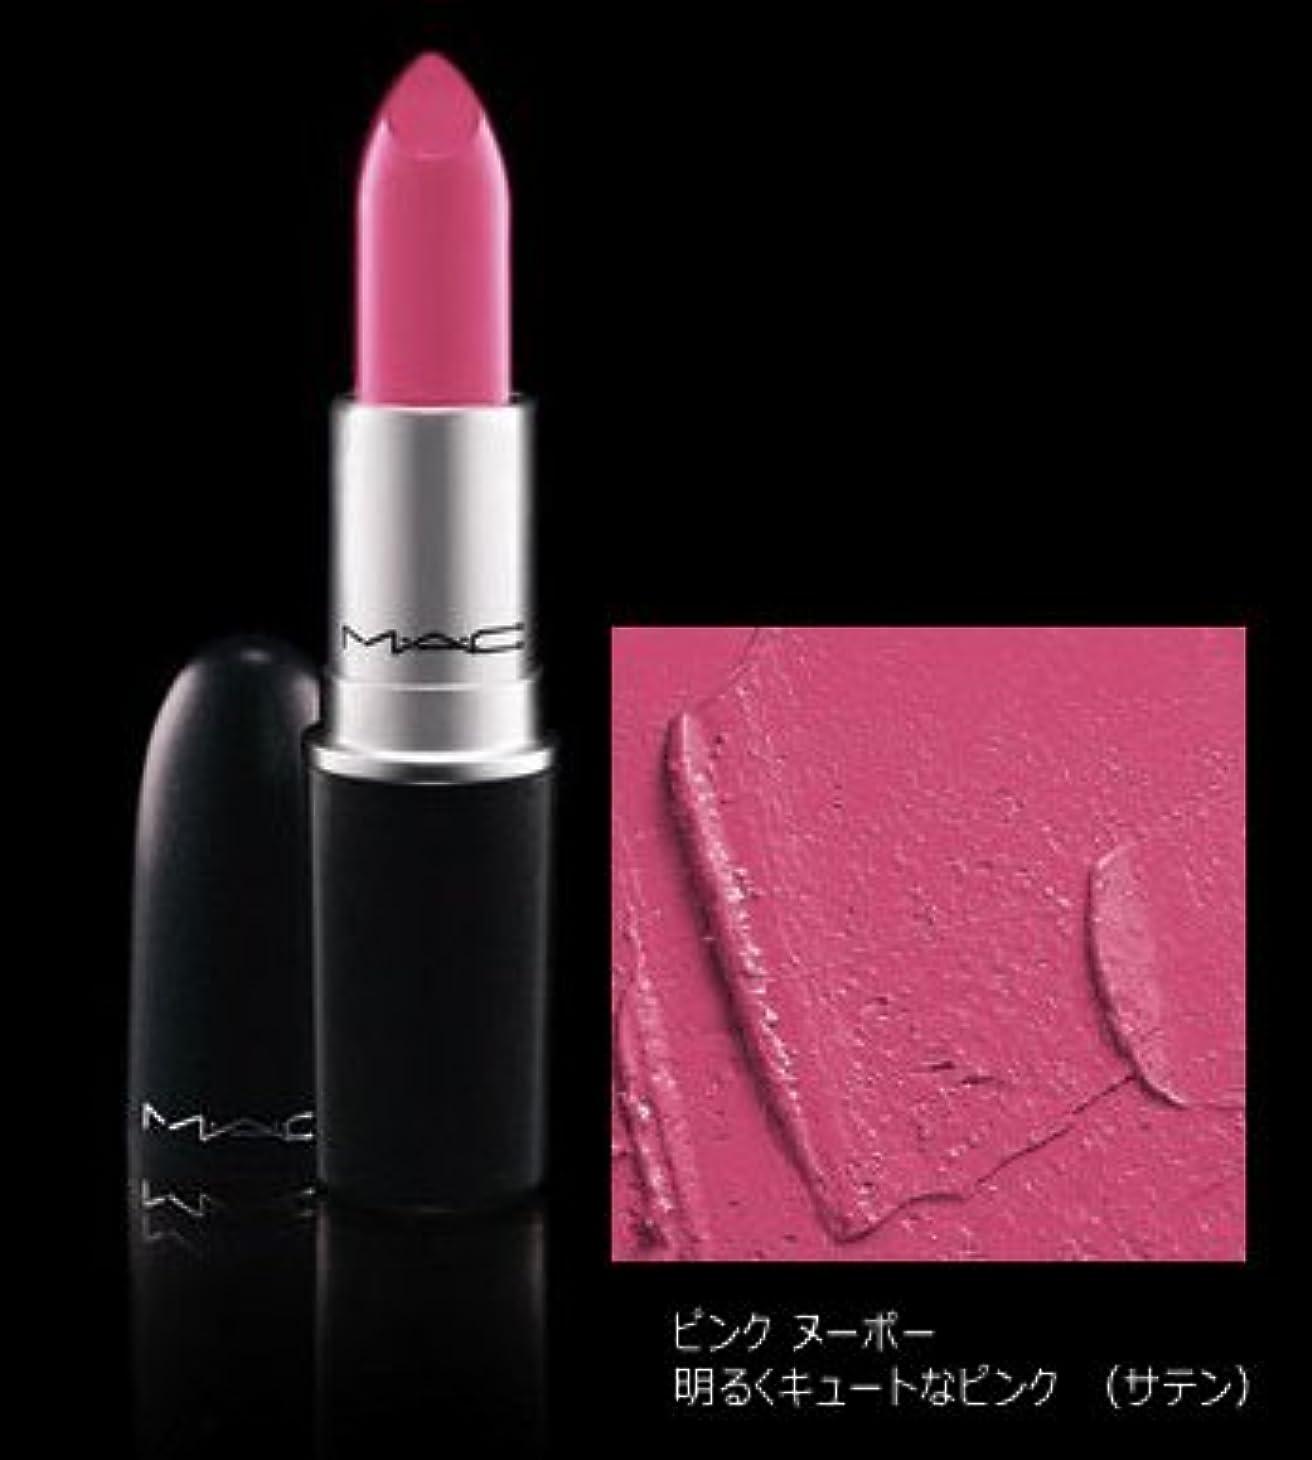 活気づける雲ちょっと待って【マック】リップスティック (サテン) #ピンク ヌーボー 3g [並行輸入品]